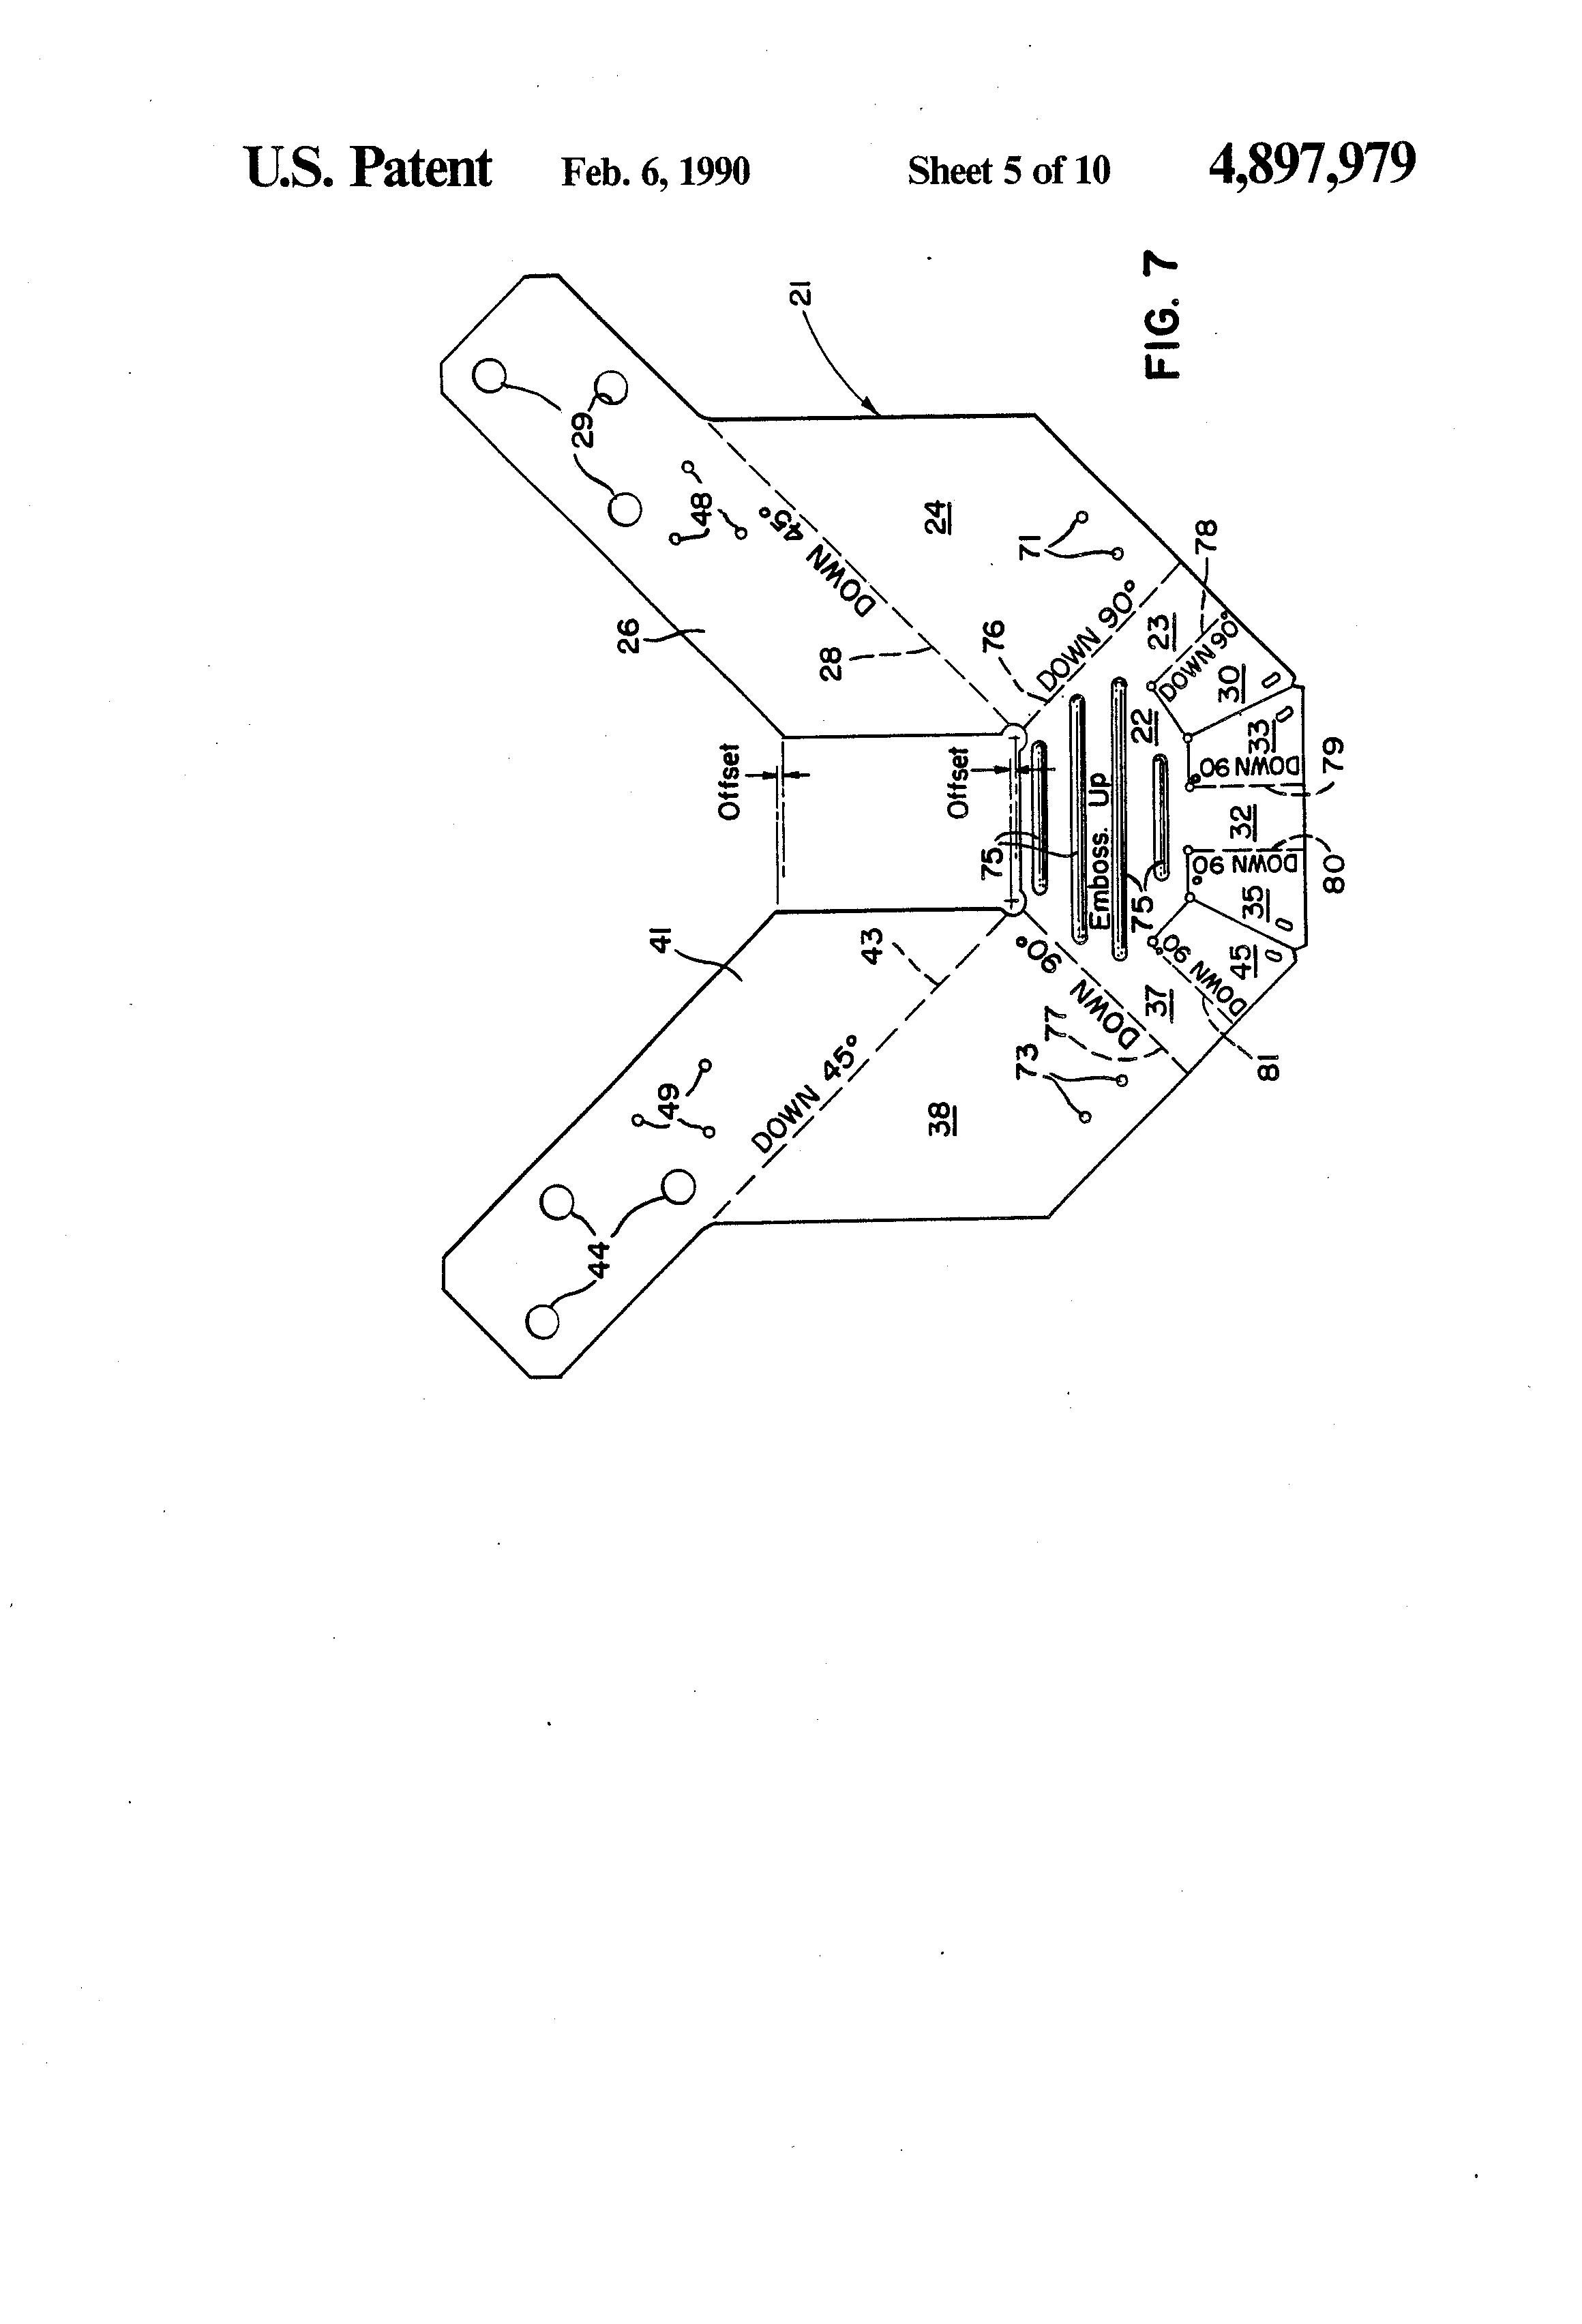 Wood Girder Truss Drawings | Wiring Diagram Database